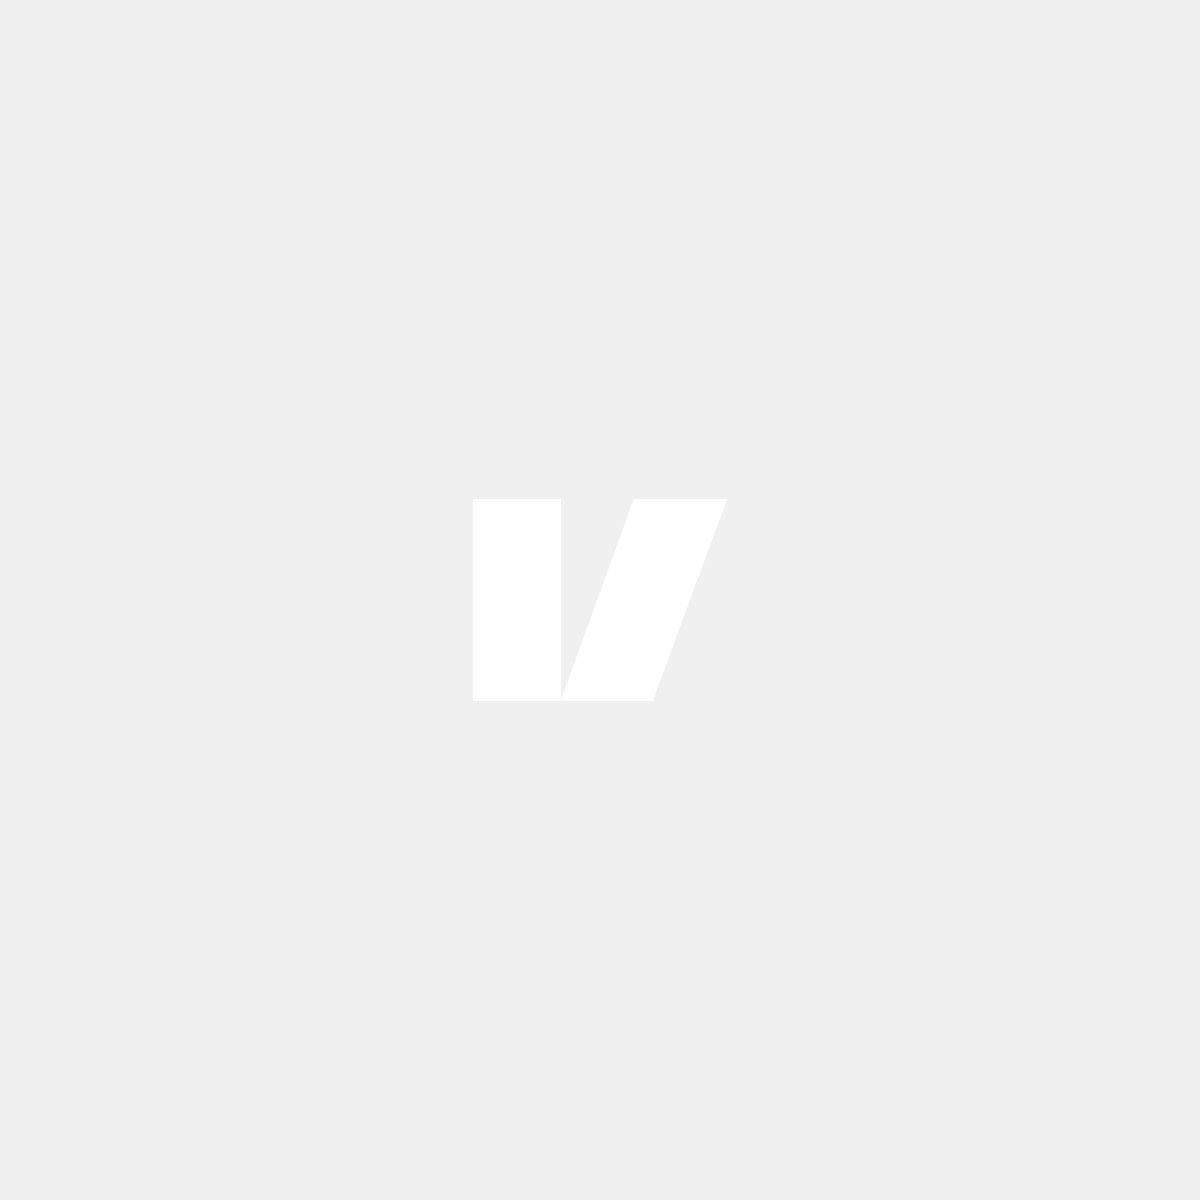 Polyuretanbussningsats till stabilisatorstag / krängningshämmare till Volvo 240, 260, 740, 850, V70, S70, 940, 960, S90